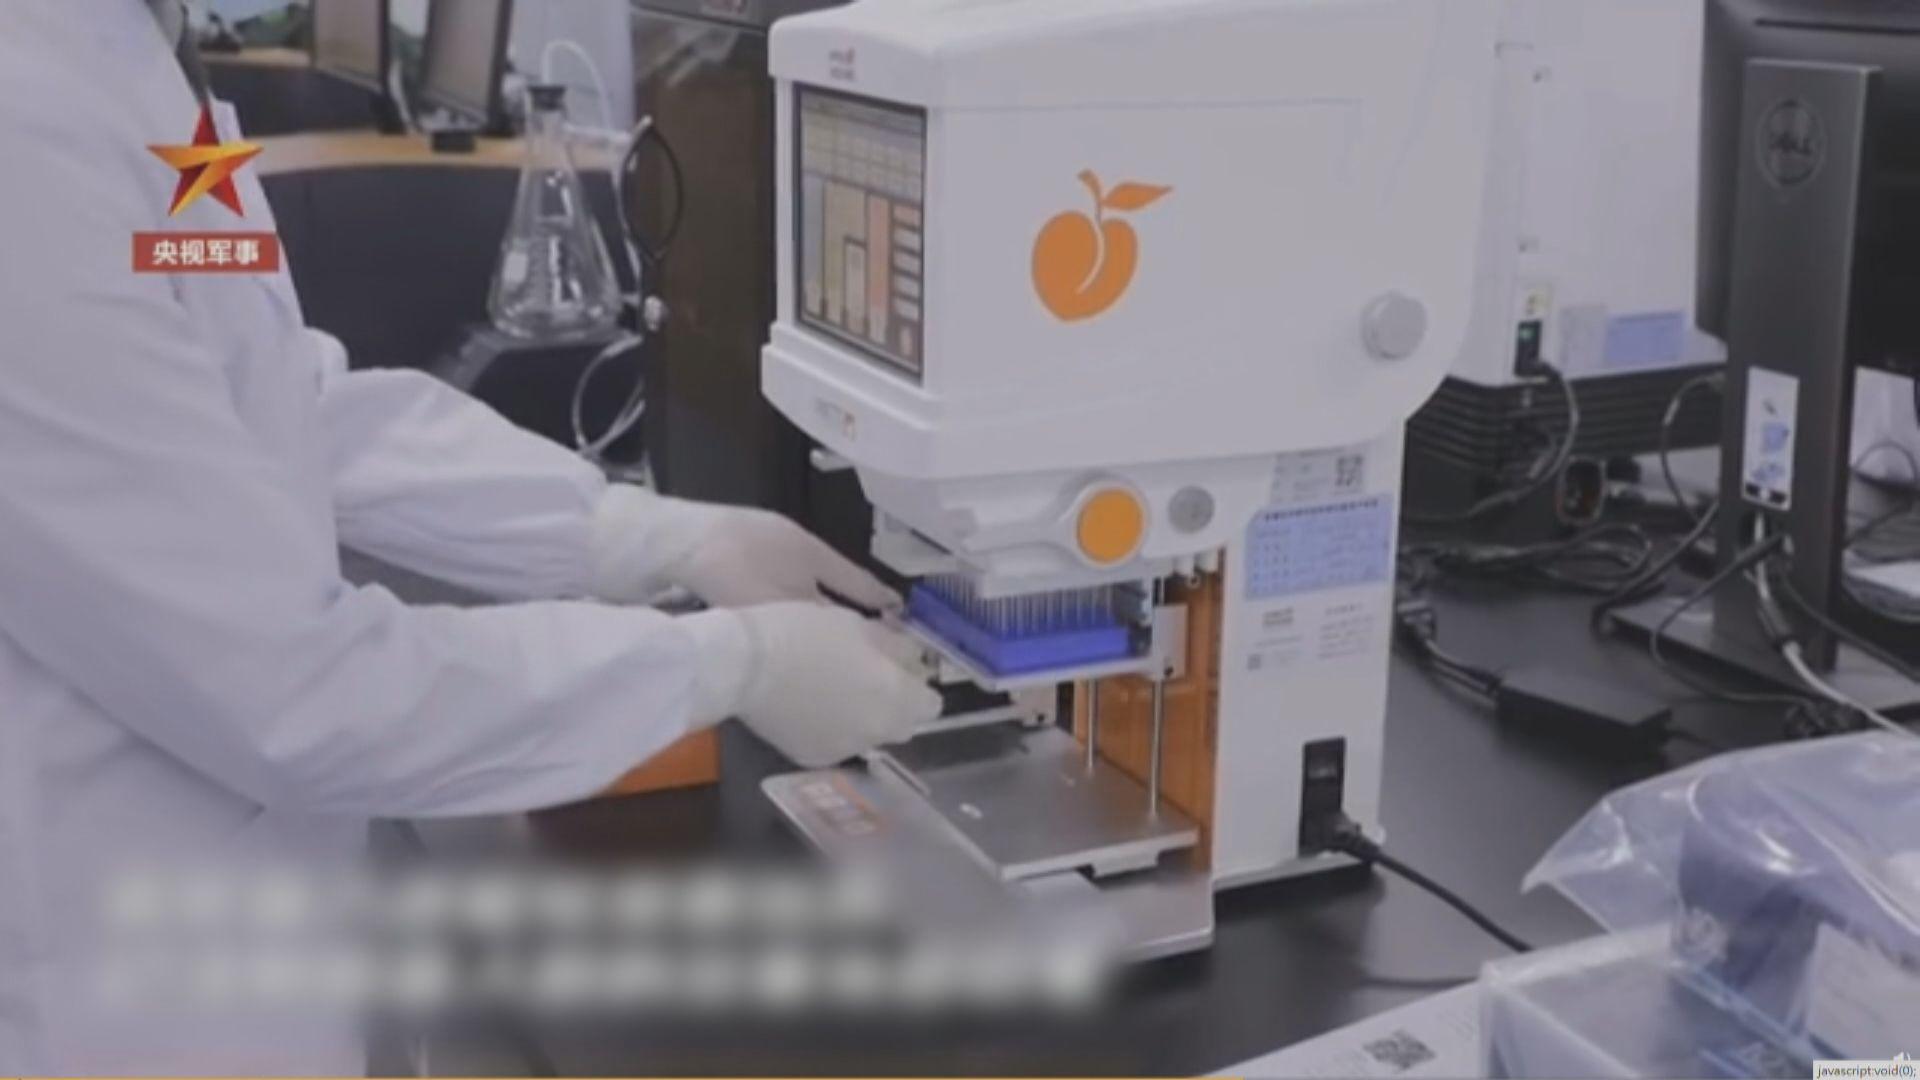 臨床疫苗專家:吸入式新冠疫苗在加強免疫上效果顯著